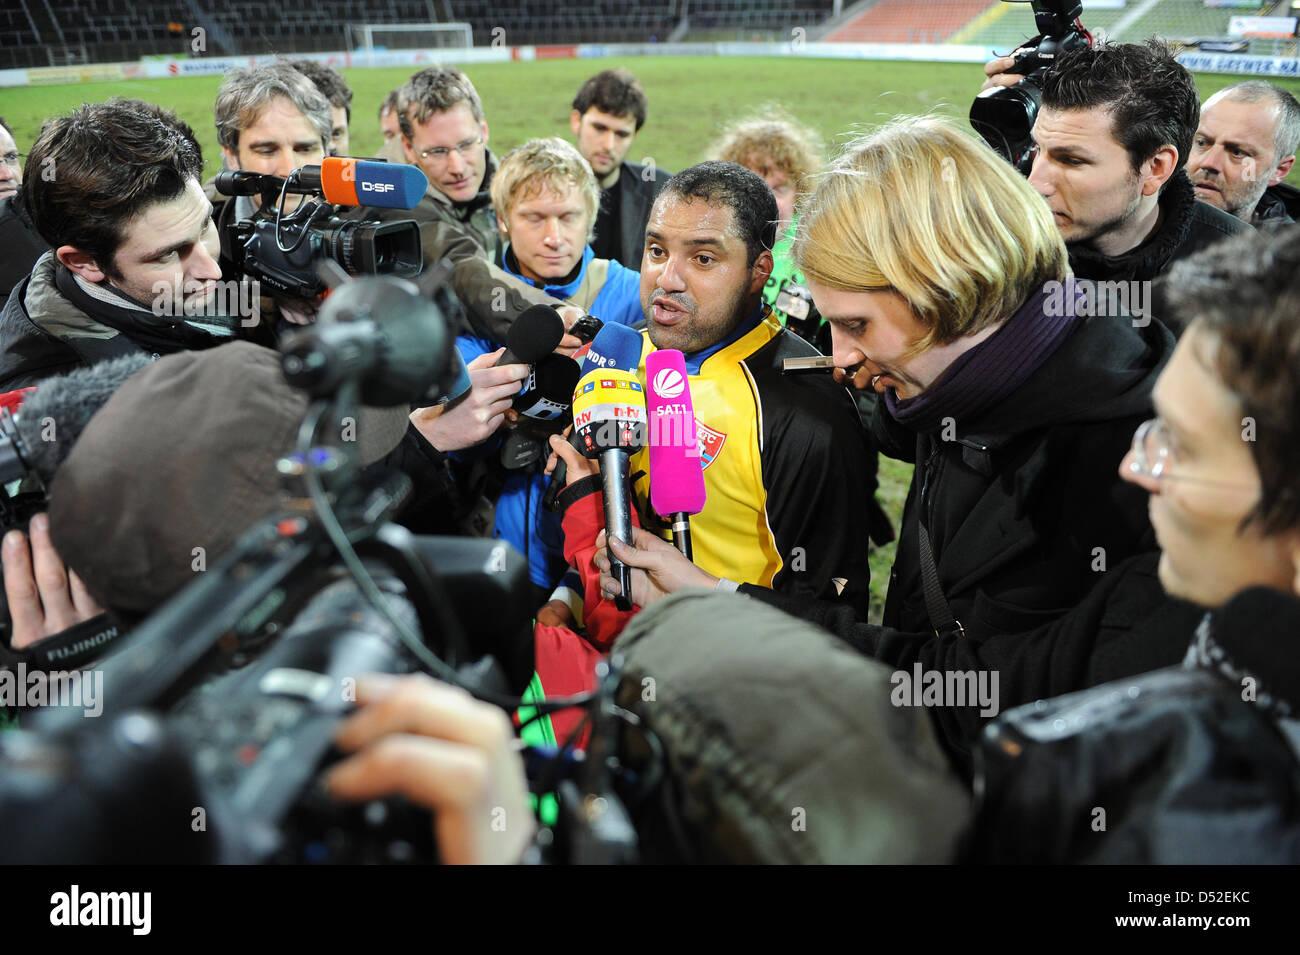 Uerdingen's former Bundesliga topscorer Ailton (C) is interviewed by journalists after his debut match KFC Uerdingen - Stock Image